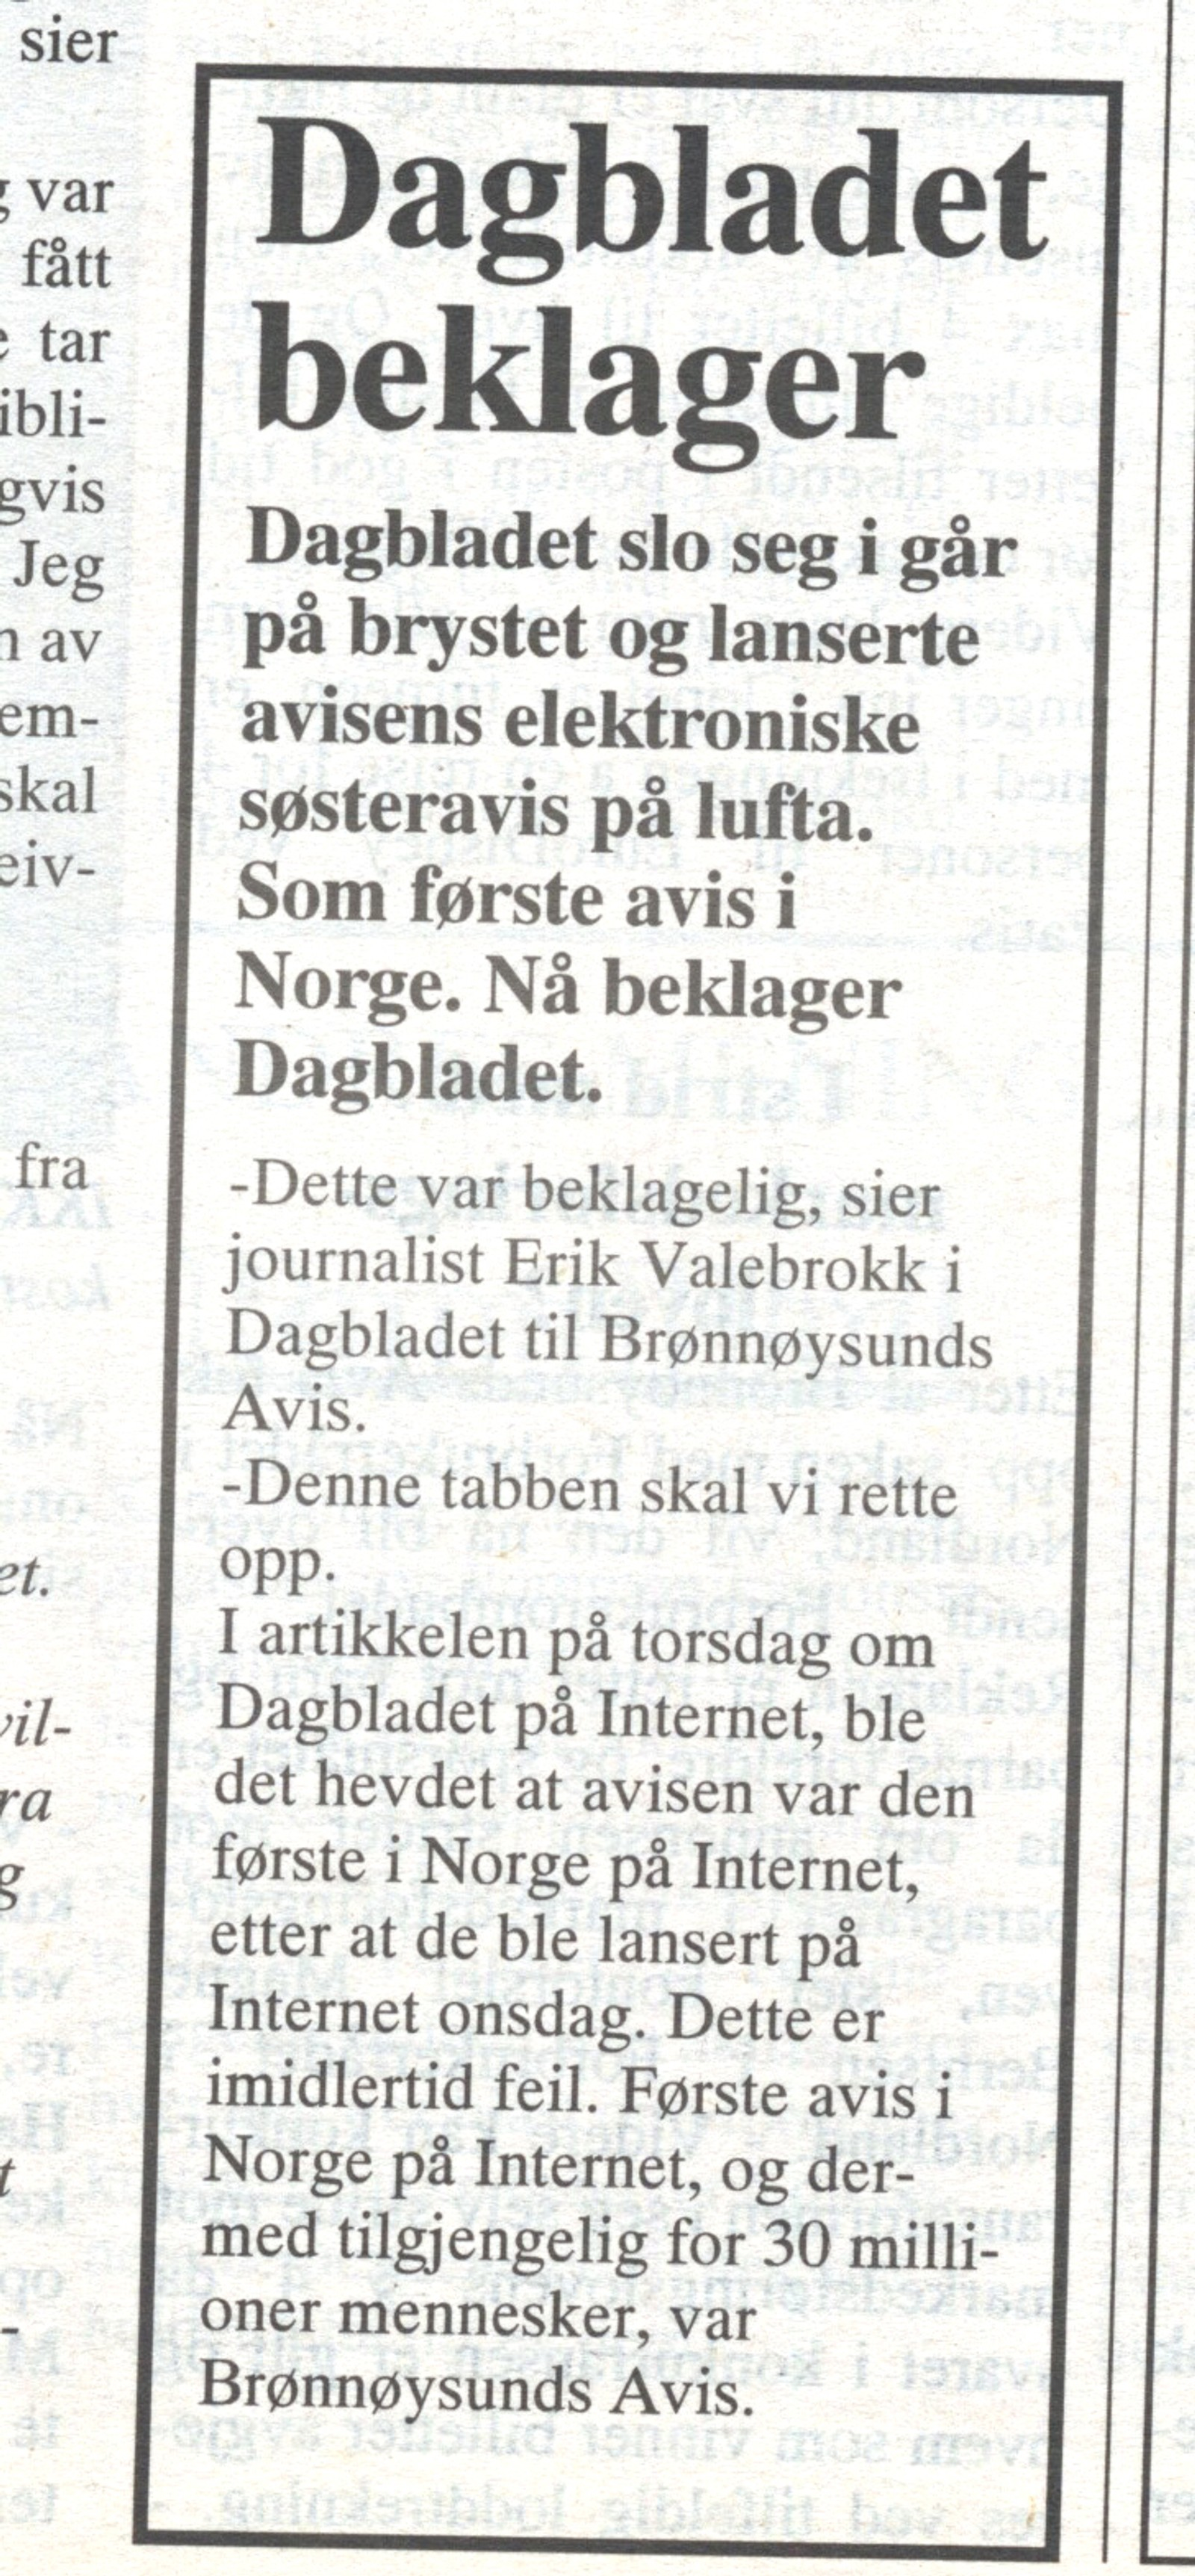 Dagbladet beklaget at de hadde skrevet at de var først på nett.